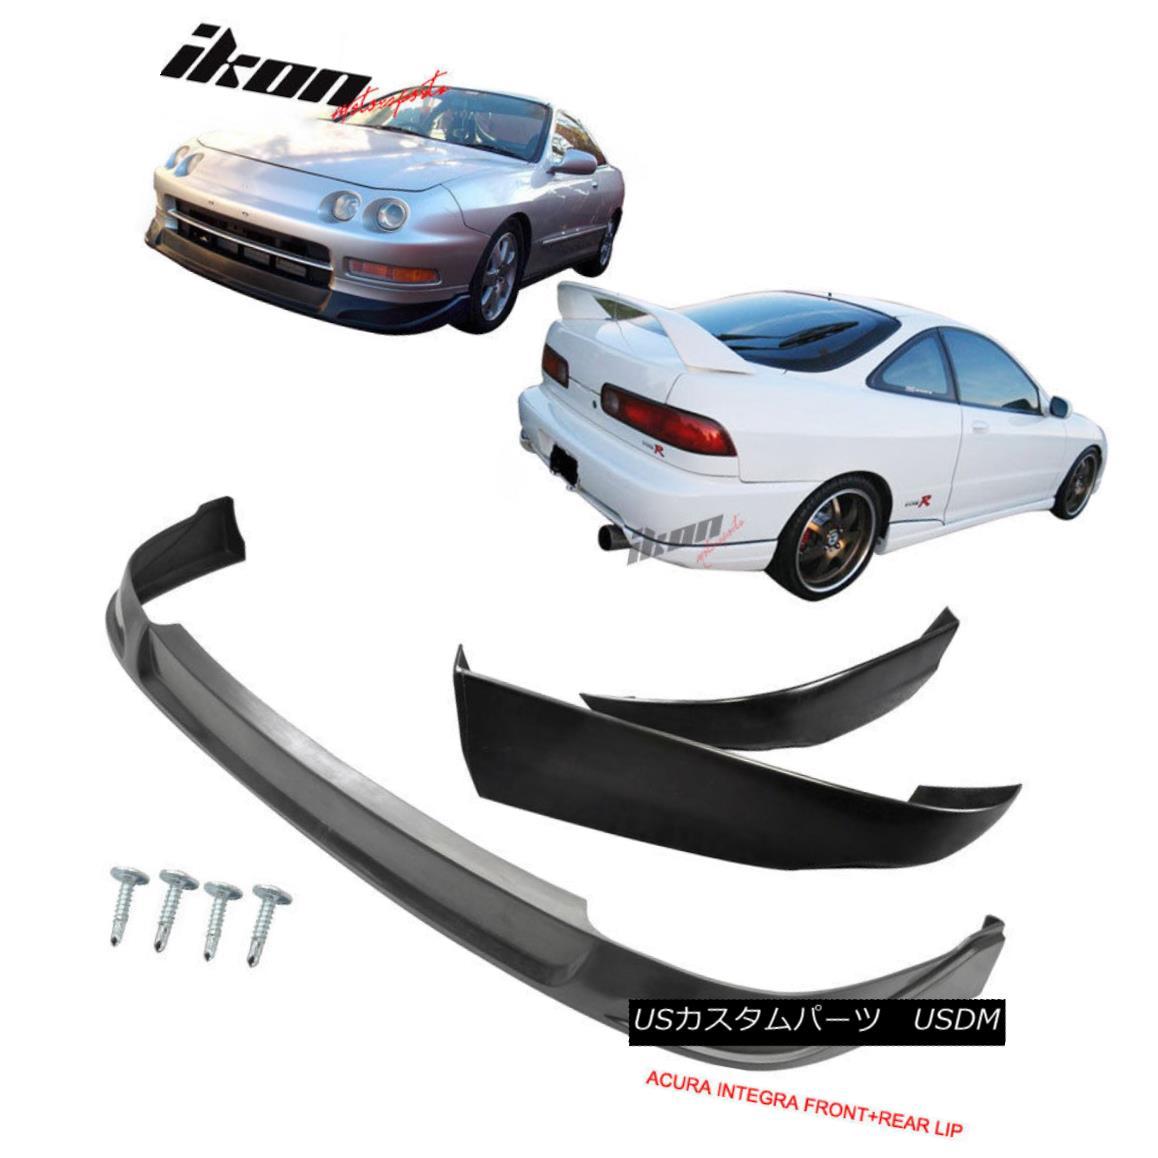 エアロパーツ Fits 94-97 Acura Integra Coupe CONCEPT Urethane Front Lip + T-R ABS Rear Lip フィット94-97アキュラインテグラクーペCONCEPTウレタンフロントリップ+ T-R ABSリアリップ